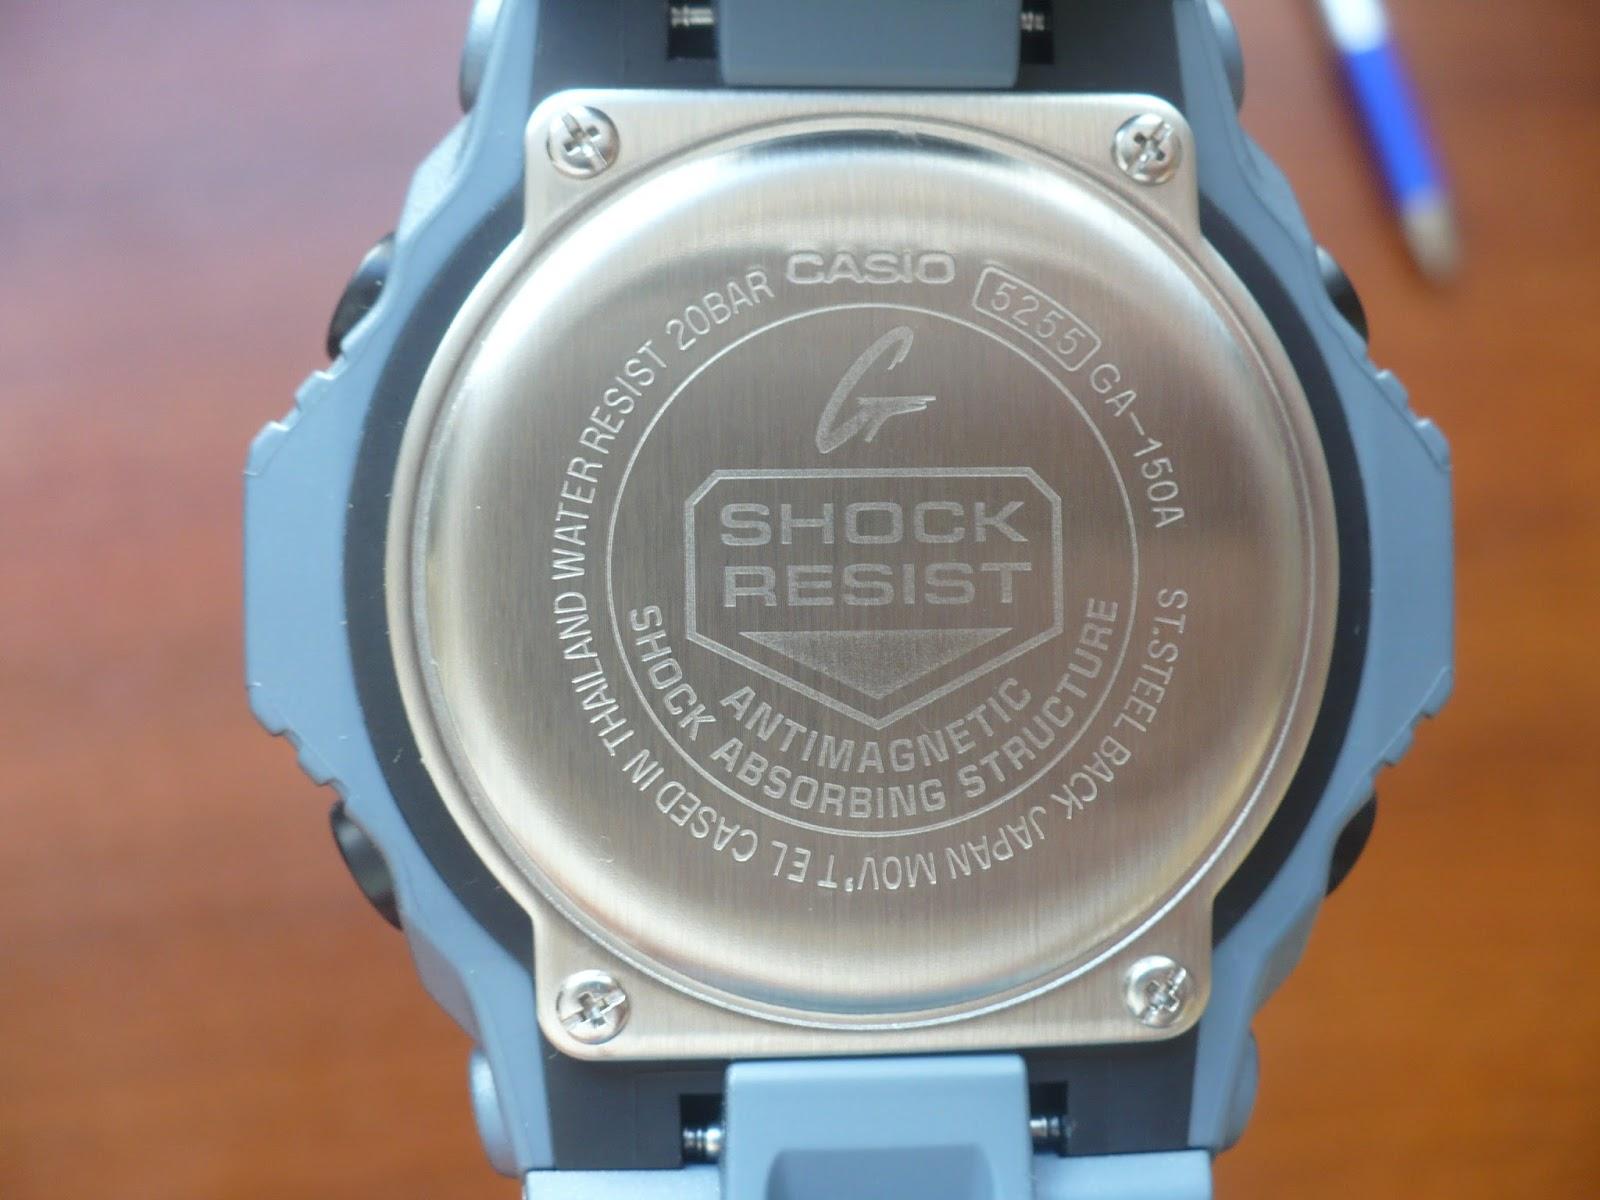 Инструкция по настройке часов casio g-shock gaa2er - видео g-shock от presidentwatches.